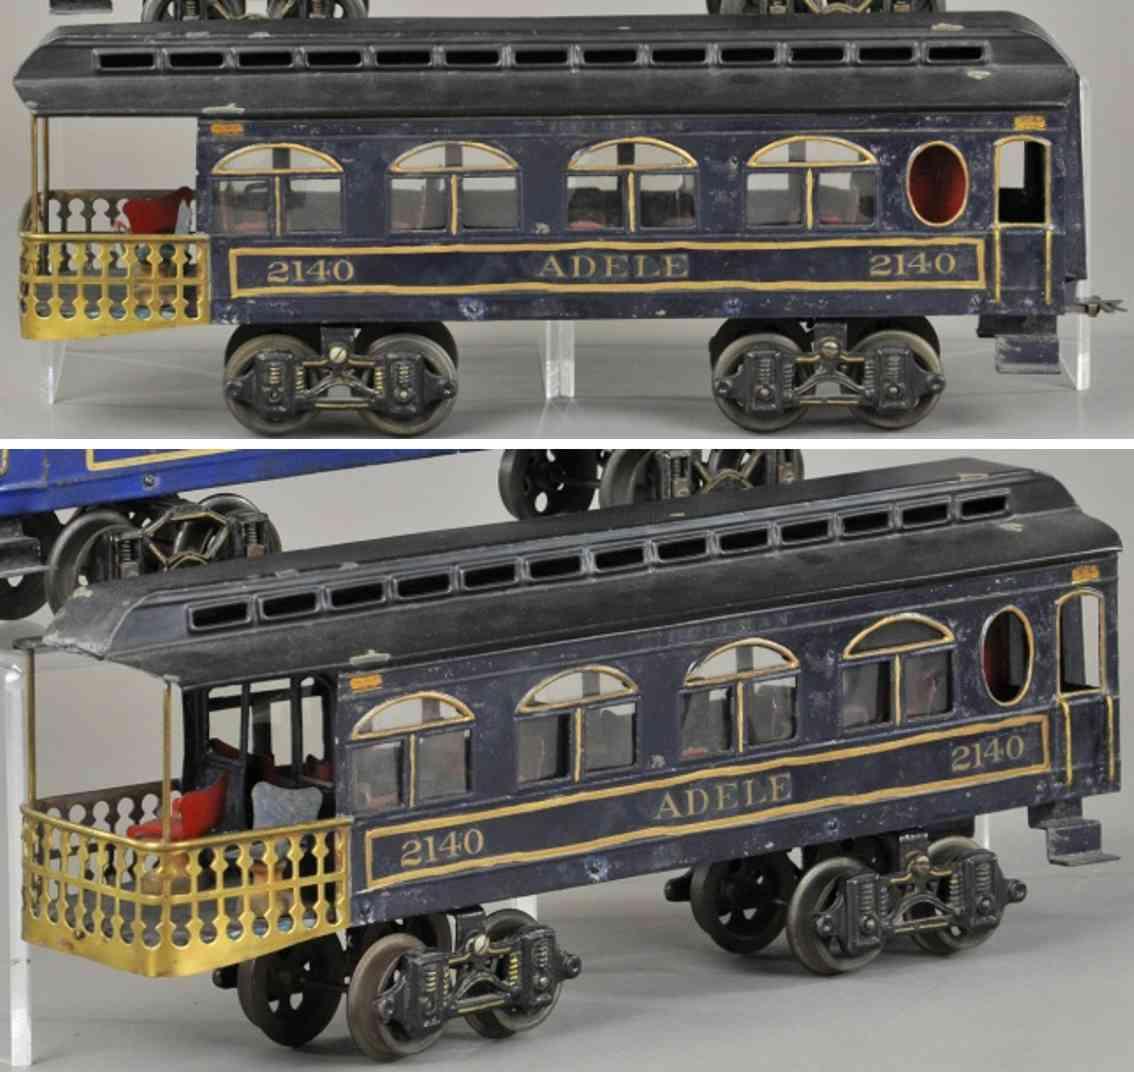 voltamp 2140 adele aussichtswagen dunkelblau spur 2 inches